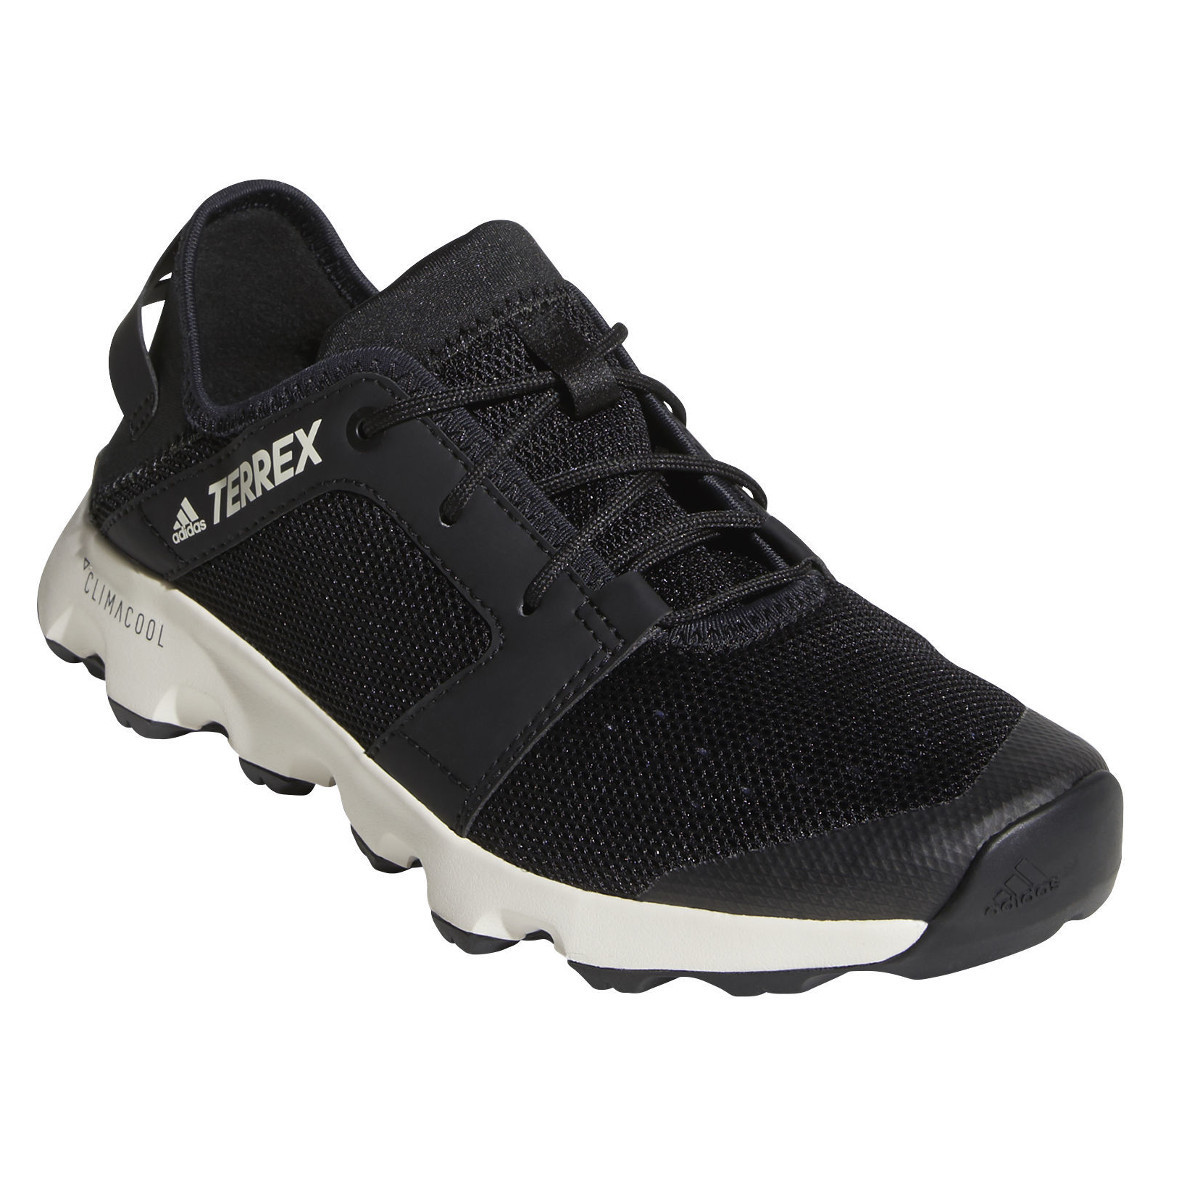 Adidas Women's Terrex Cc Voyager Sleek Hiking Shoes - Black, 7